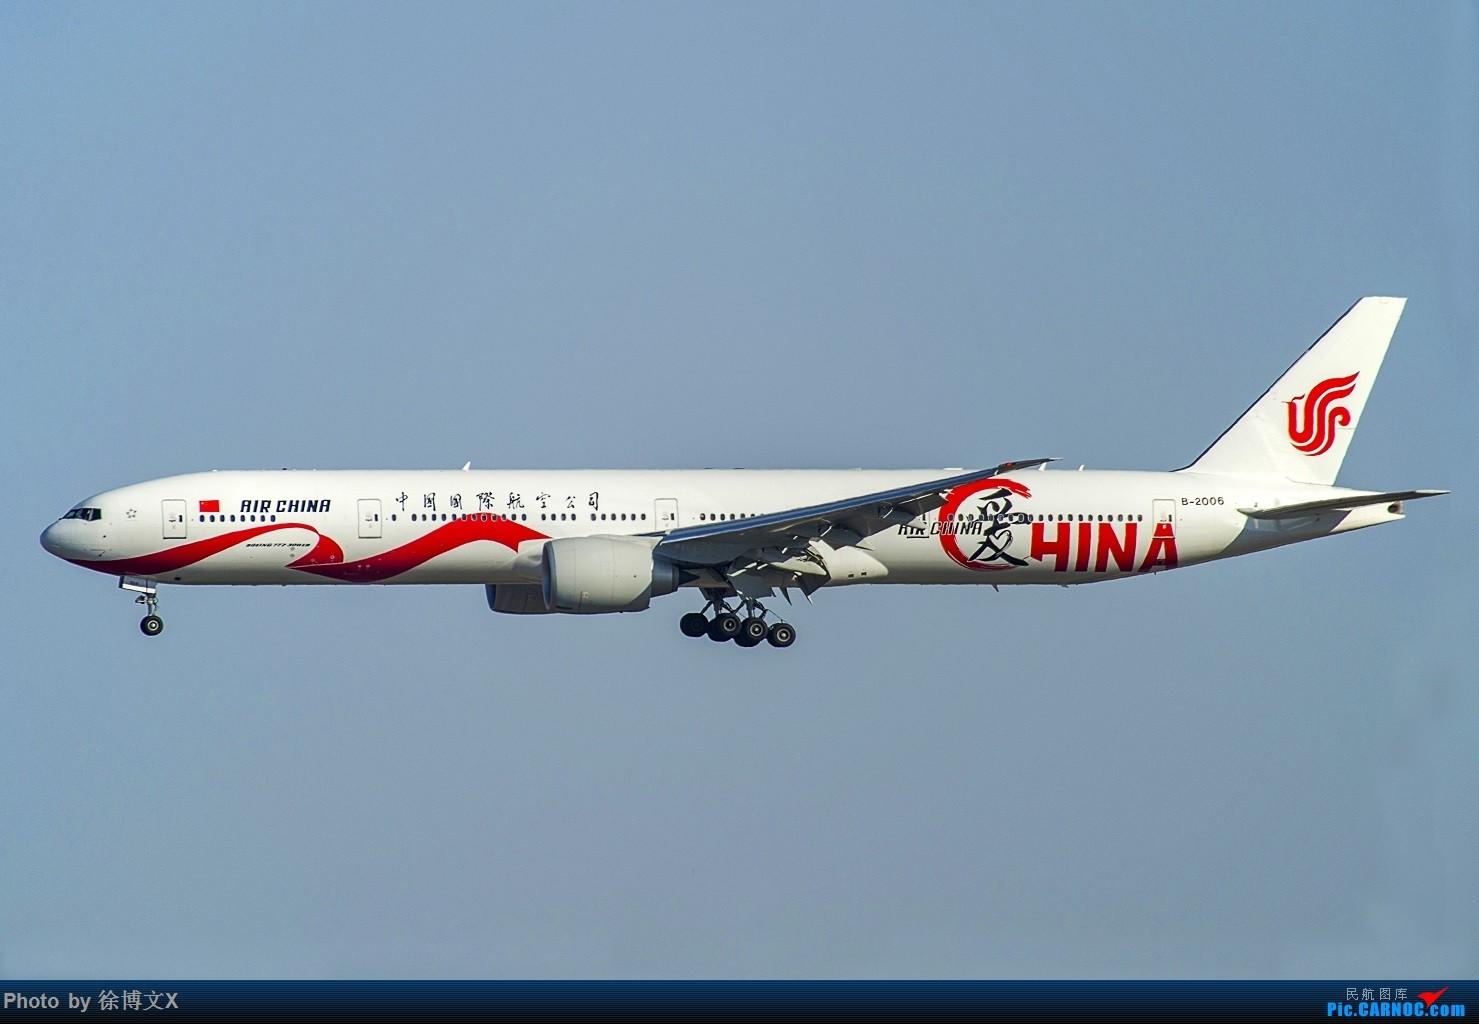 [原创]三图 爱China BOEING 777-300ER B-2006 中国北京首都国际机场